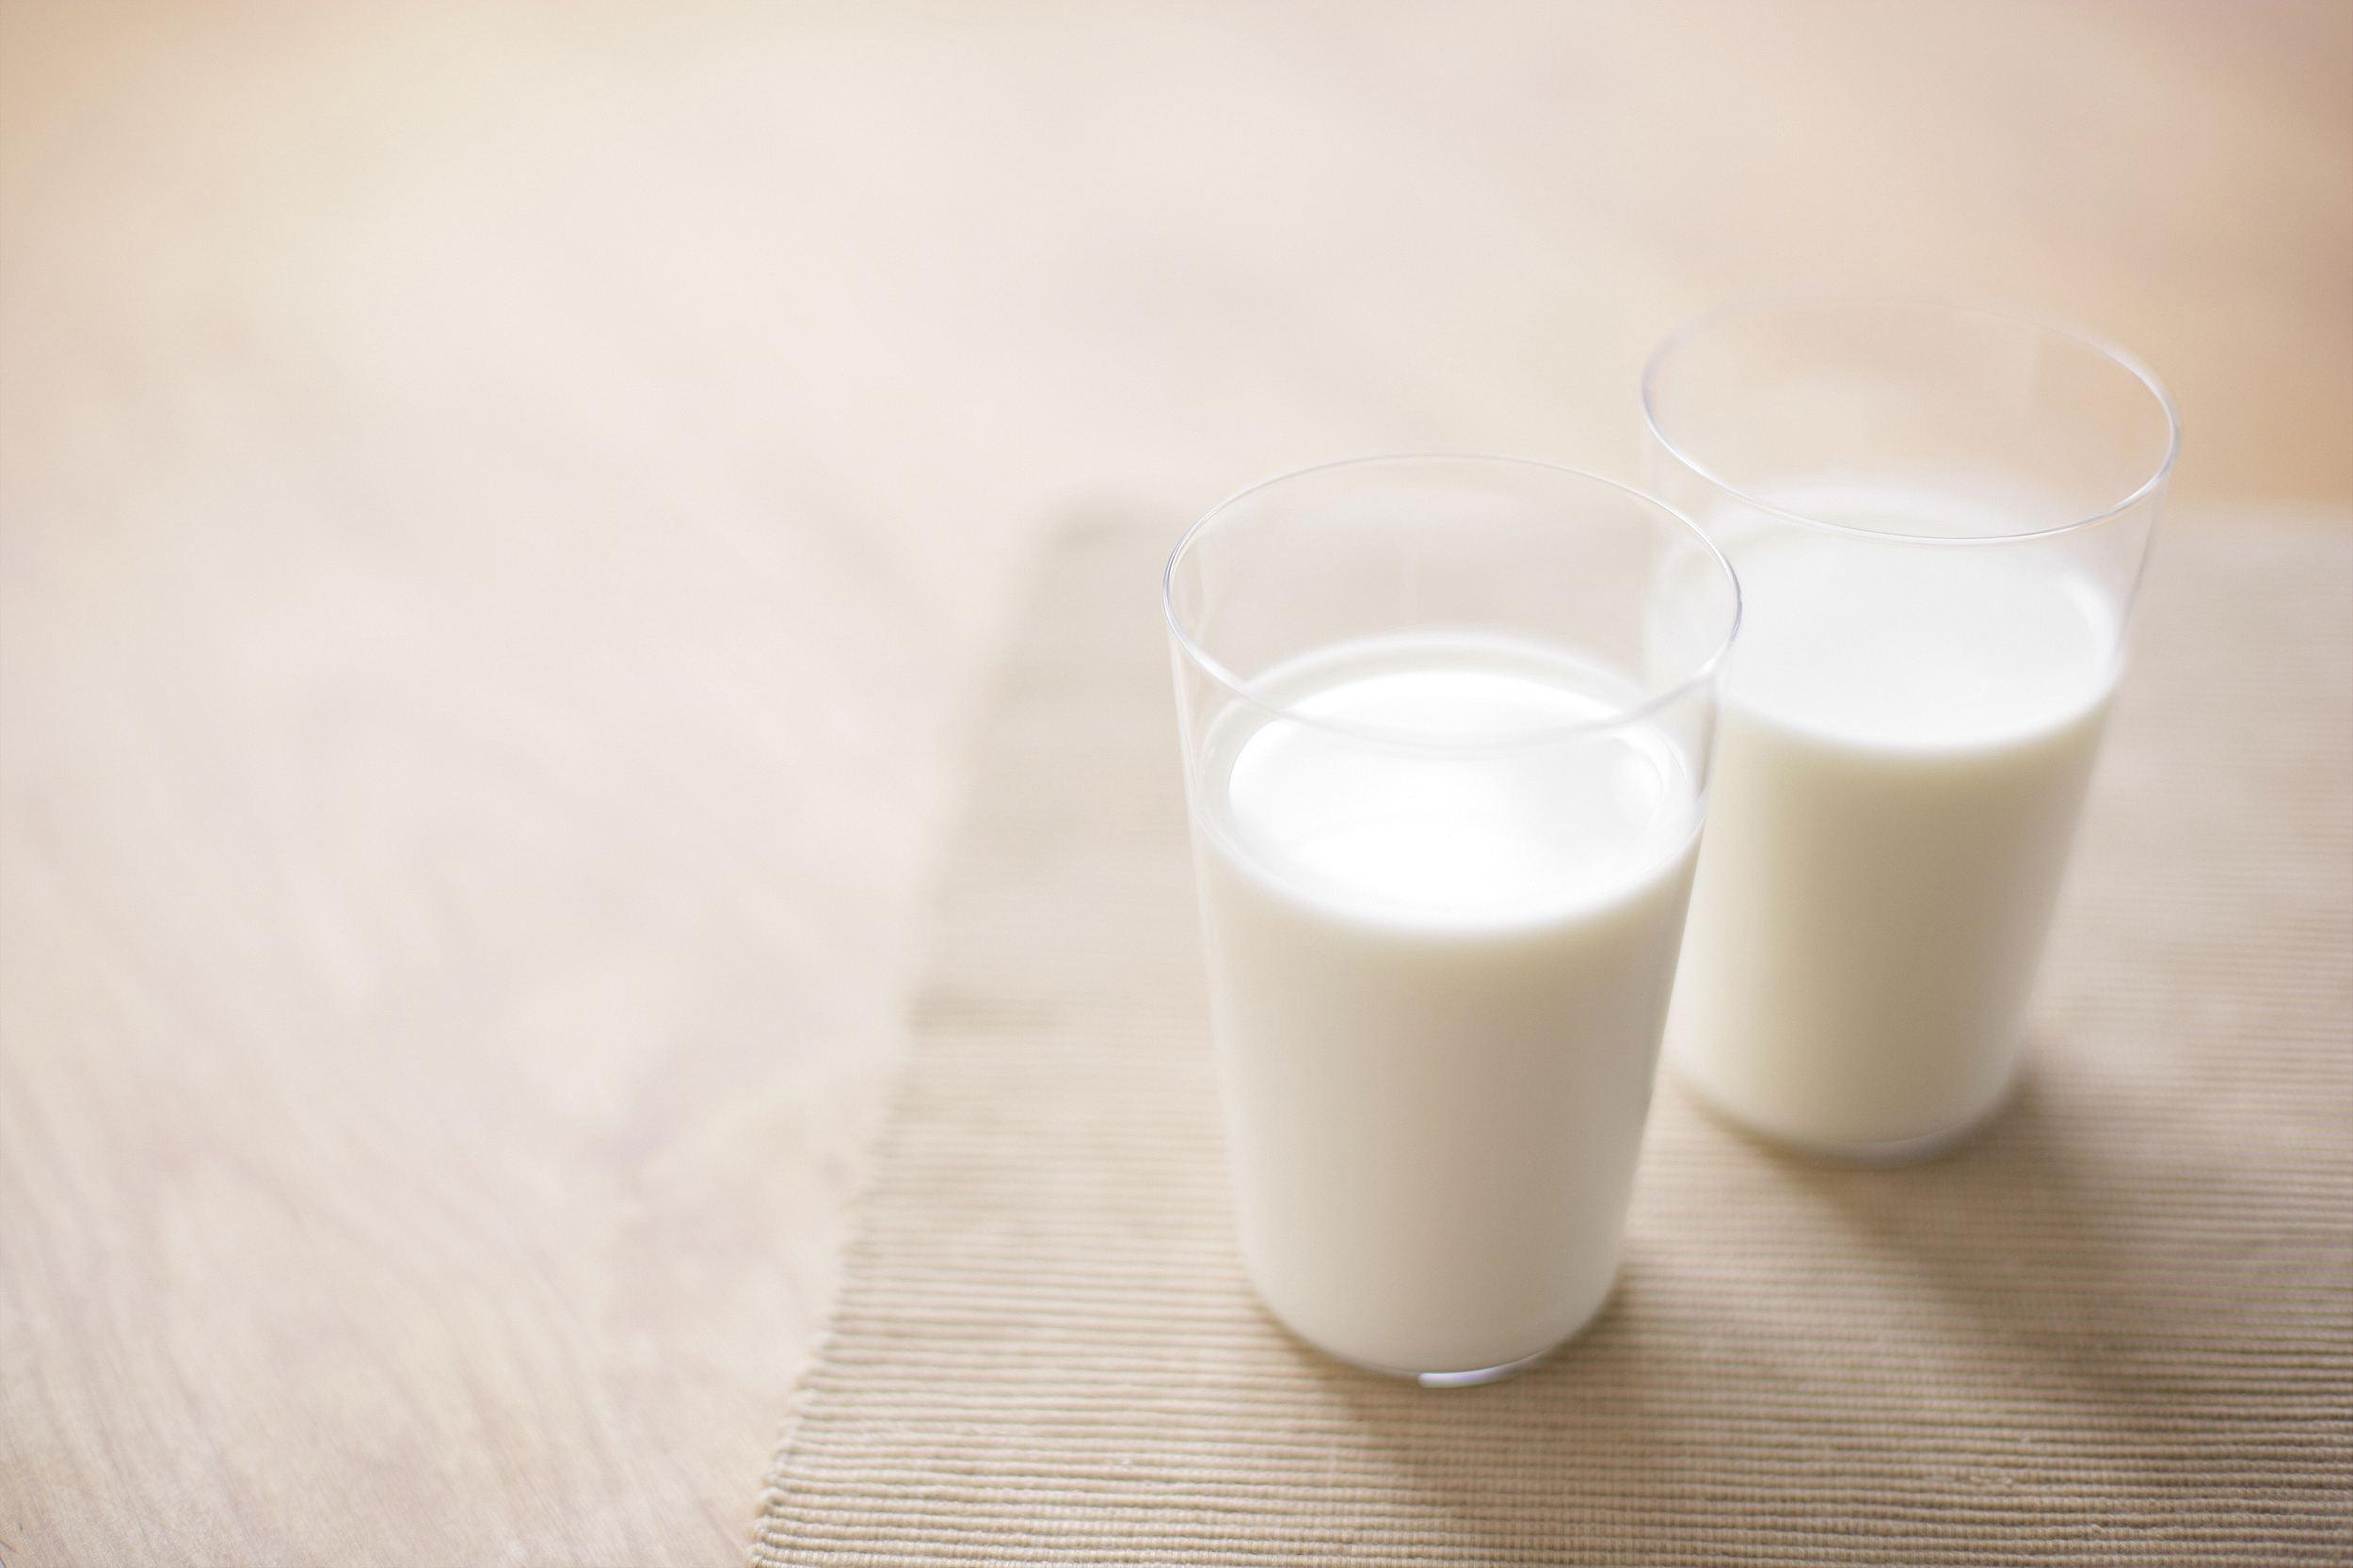 七部委发布推动方案 国产乳粉期待重振市场信心